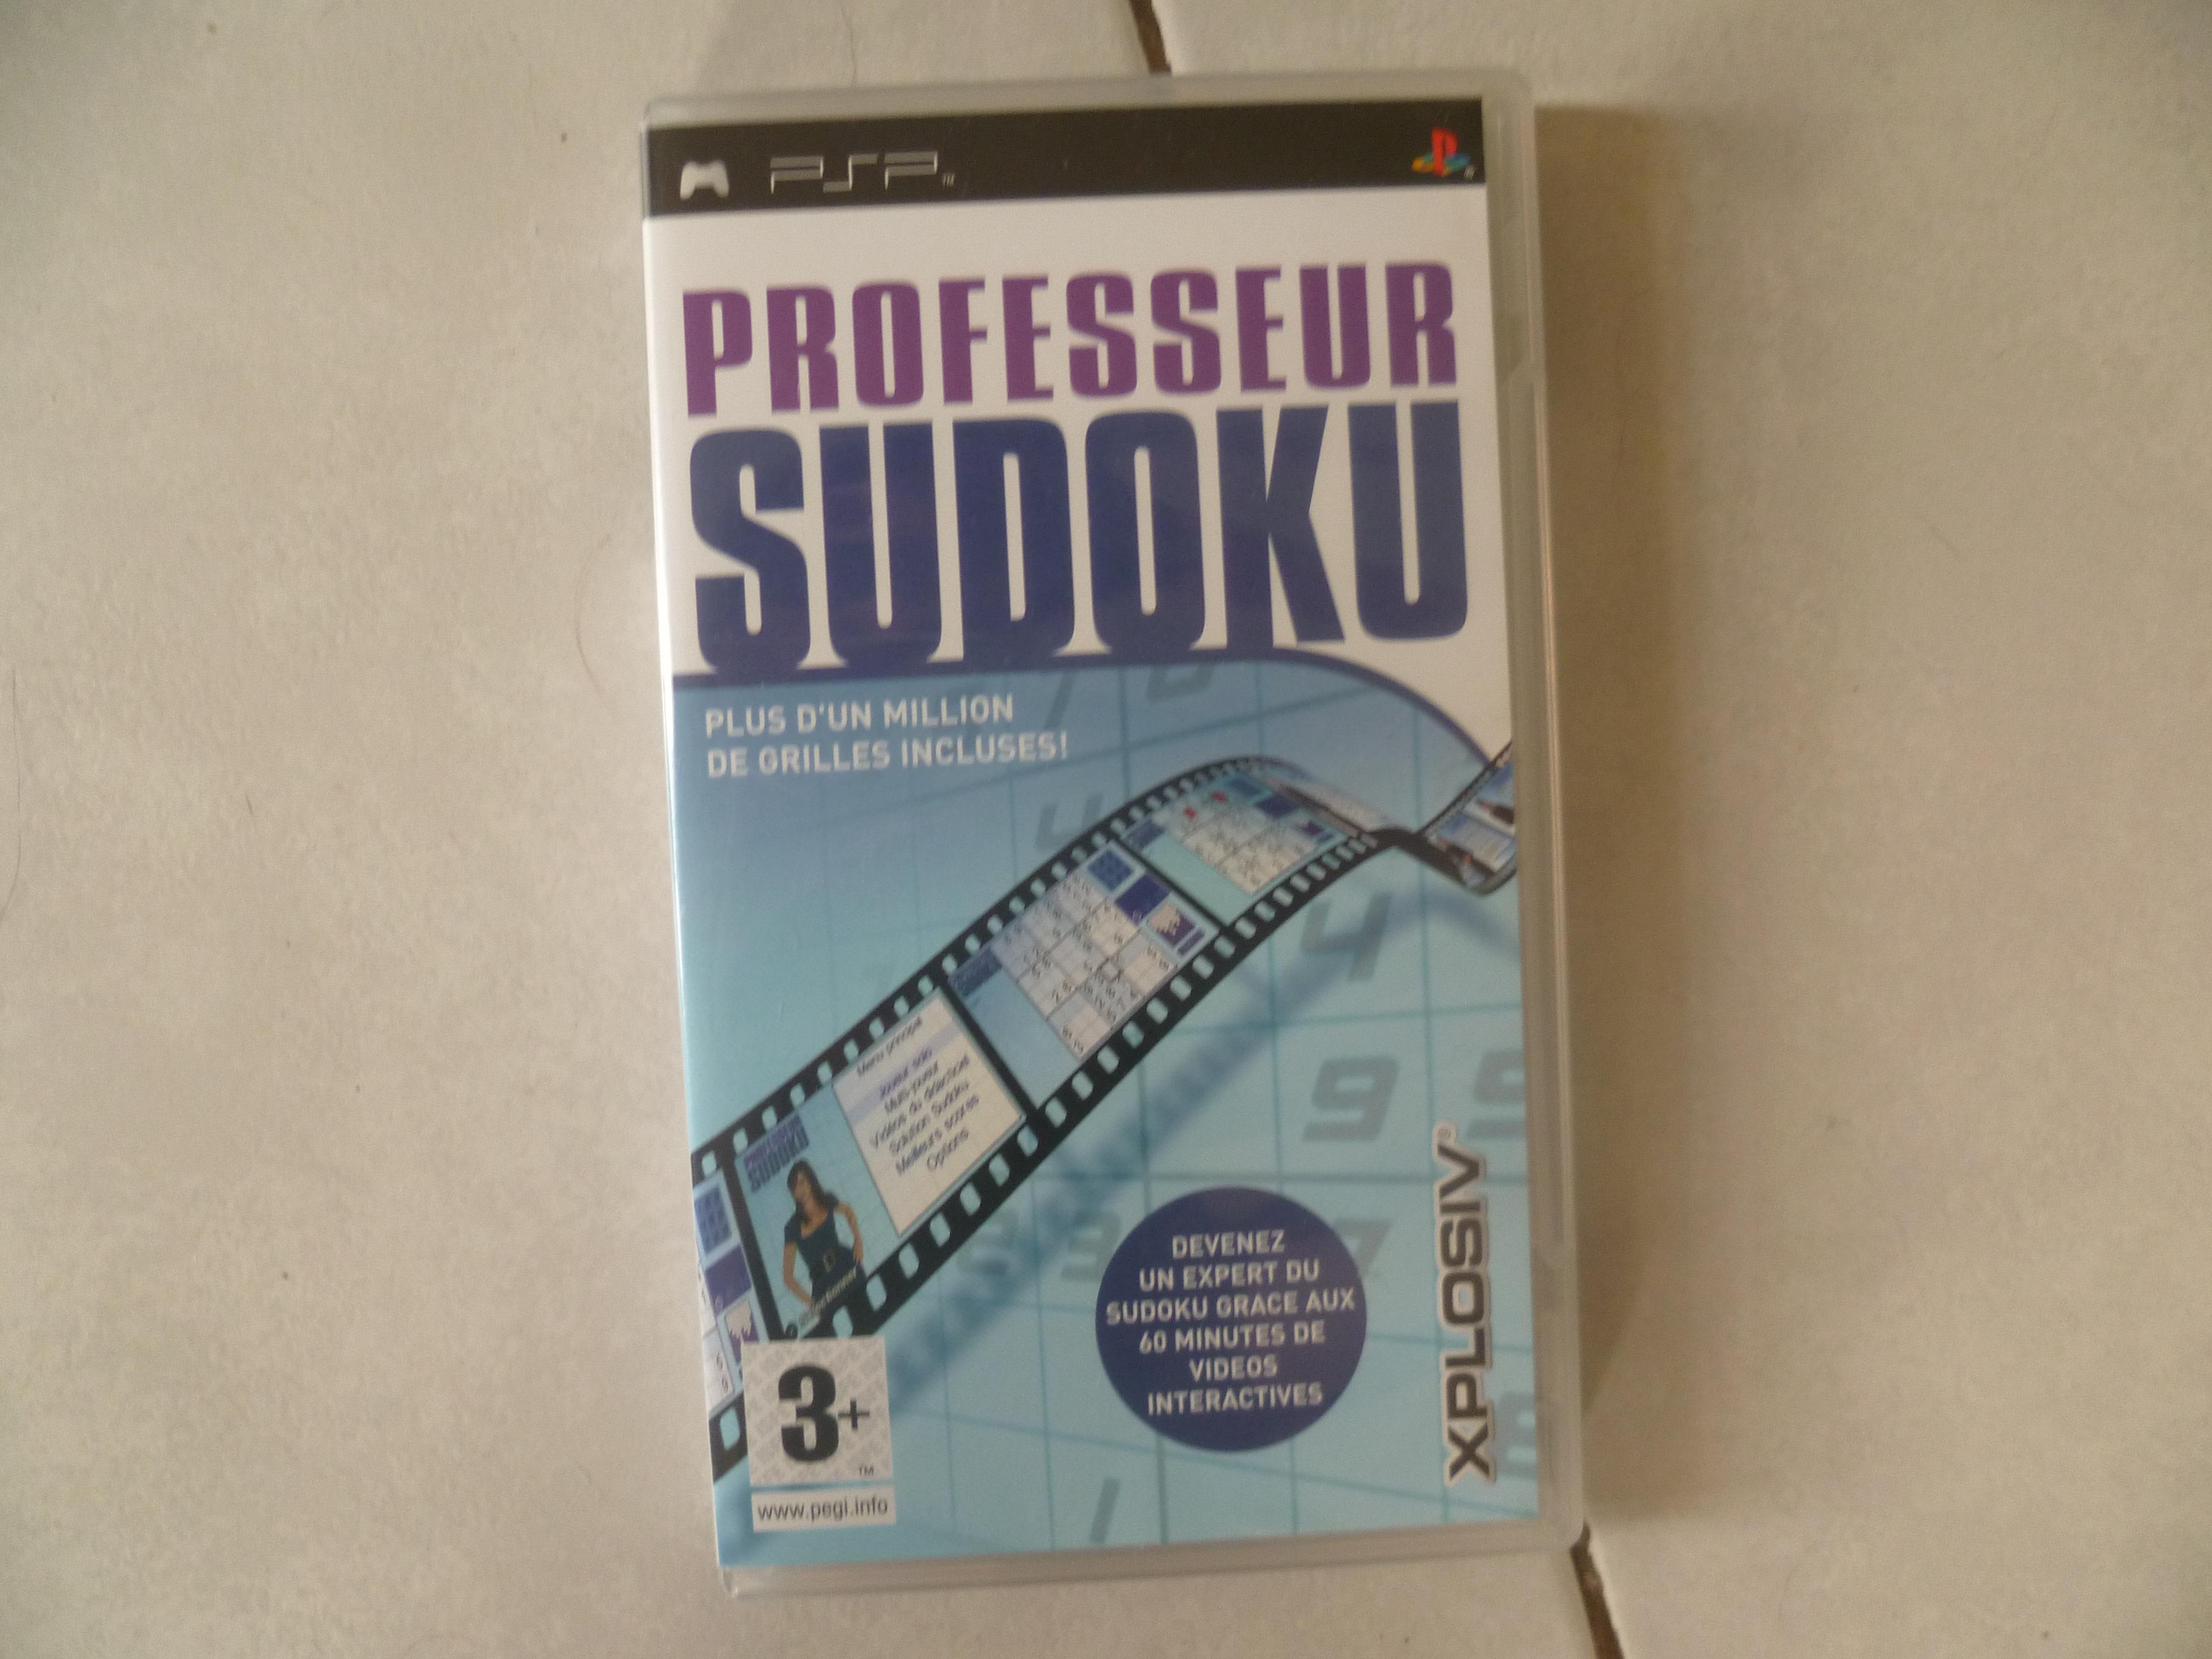 troc de troc jeu psp professeur sudoku image 0